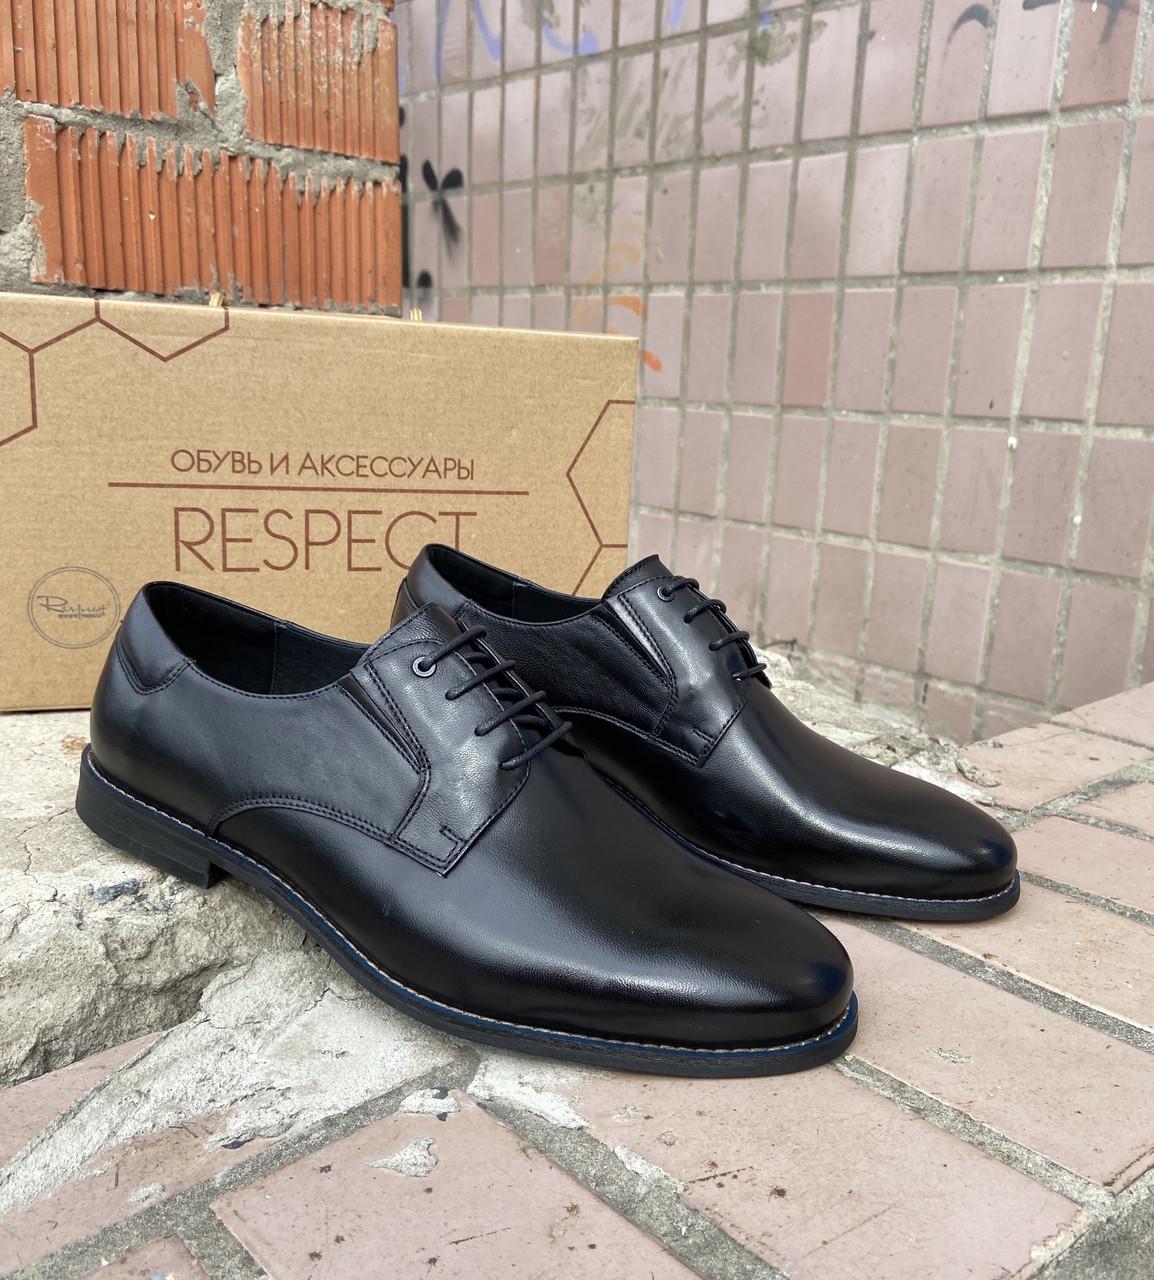 Чоловічі туфлі respect натуральна шкіра 45